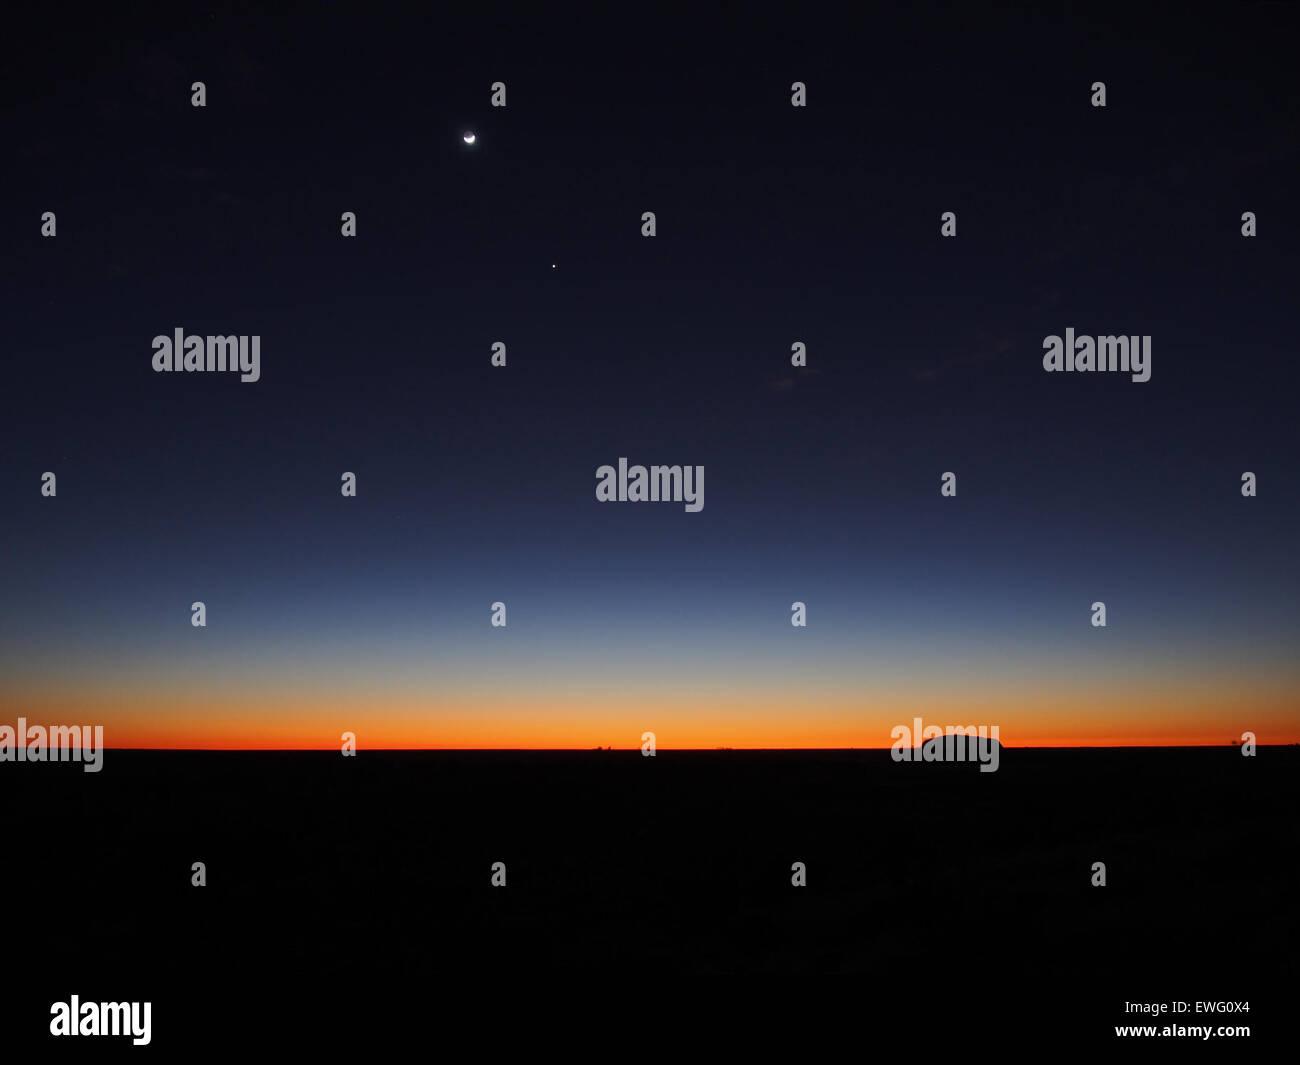 Horizon on Landscape at Sunset - Stock Image